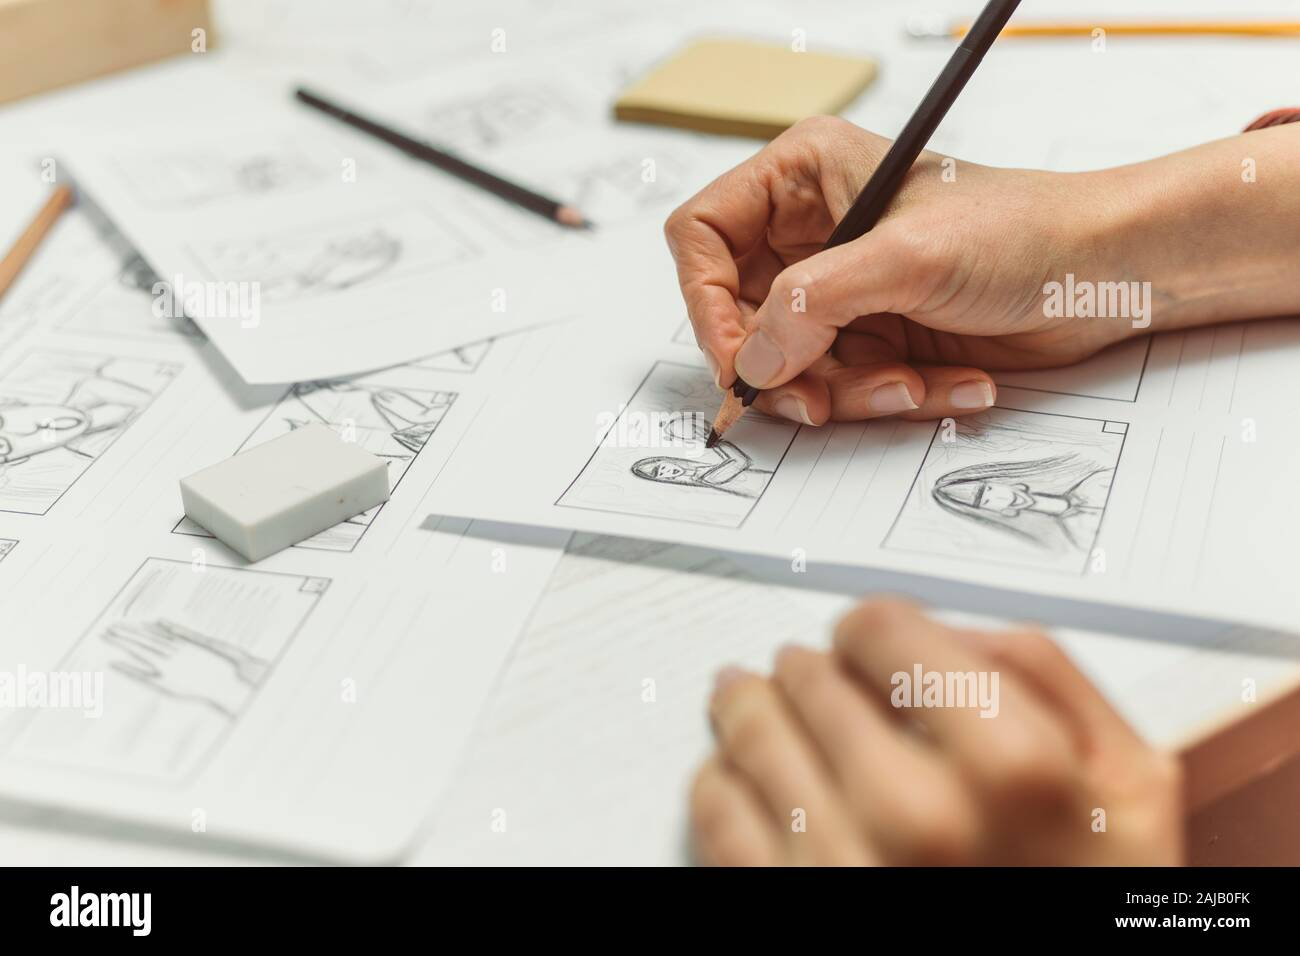 La mano della donna disegna un storyboard per un film o un cartone animato. Foto Stock